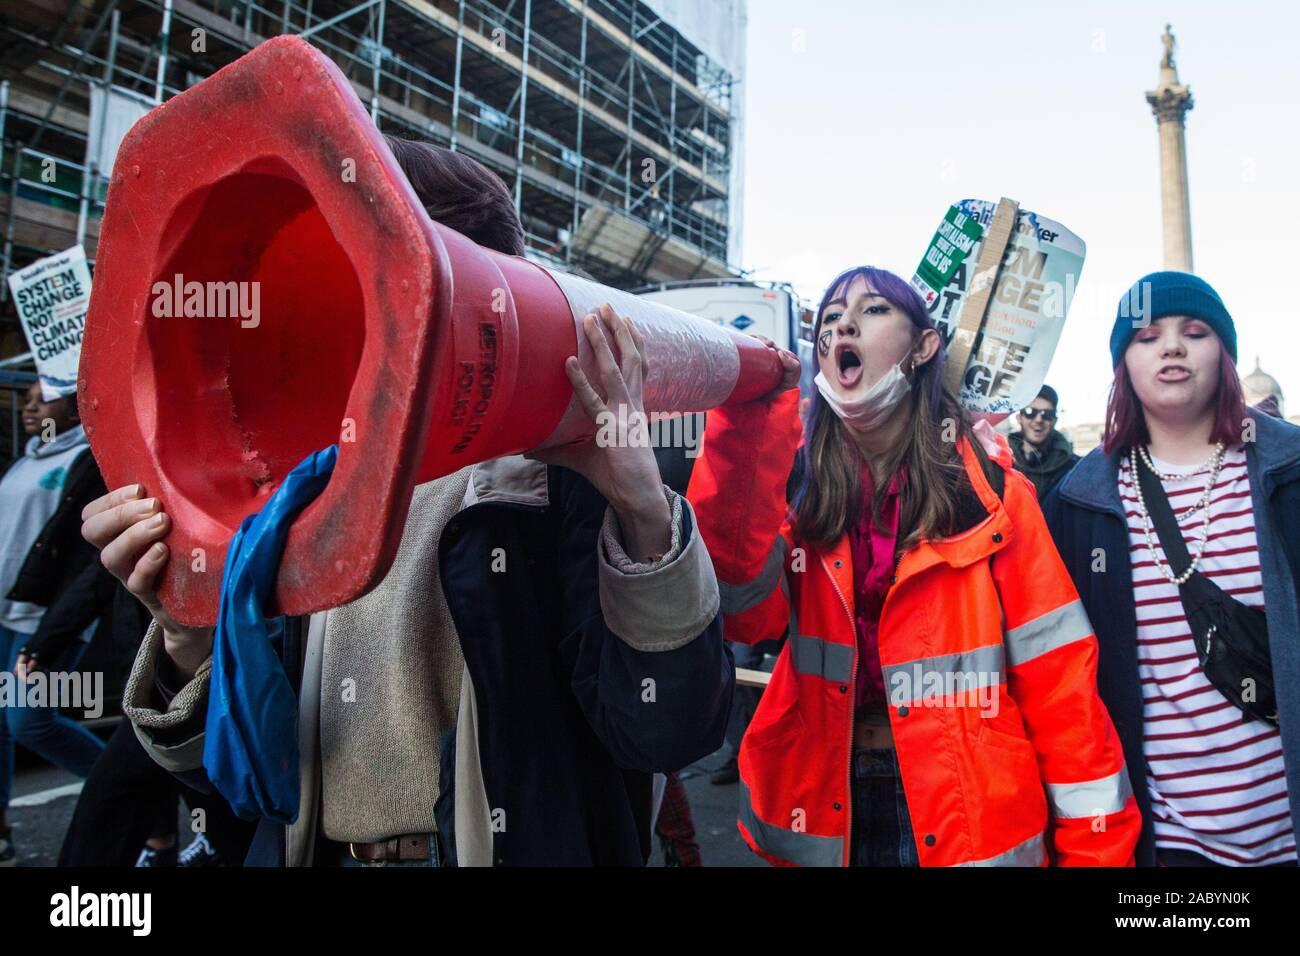 Londres, Reino Unido. El 29 de noviembre, 2019. Los niños en edad escolar y los estudiantes participan en la huelga de la Juventud organizado por el Clima Clima estudiante británico Red (UKSCN) como parte del viernes para el futuro Clima Mundial huelga convocada por Greta Thunberg en la cara de la inacción de los gobiernos del mundo para combatir la emergencia climática. UKSCN apuntan a incrementar el perfil de la emergencia climática para la campaña electoral en el Reino Unido, pero también para aplicar presión sobre la Conferencia de la ONU sobre cambio climático COP25 en Madrid. Crédito: Mark Kerrison/Alamy Live News Foto de stock